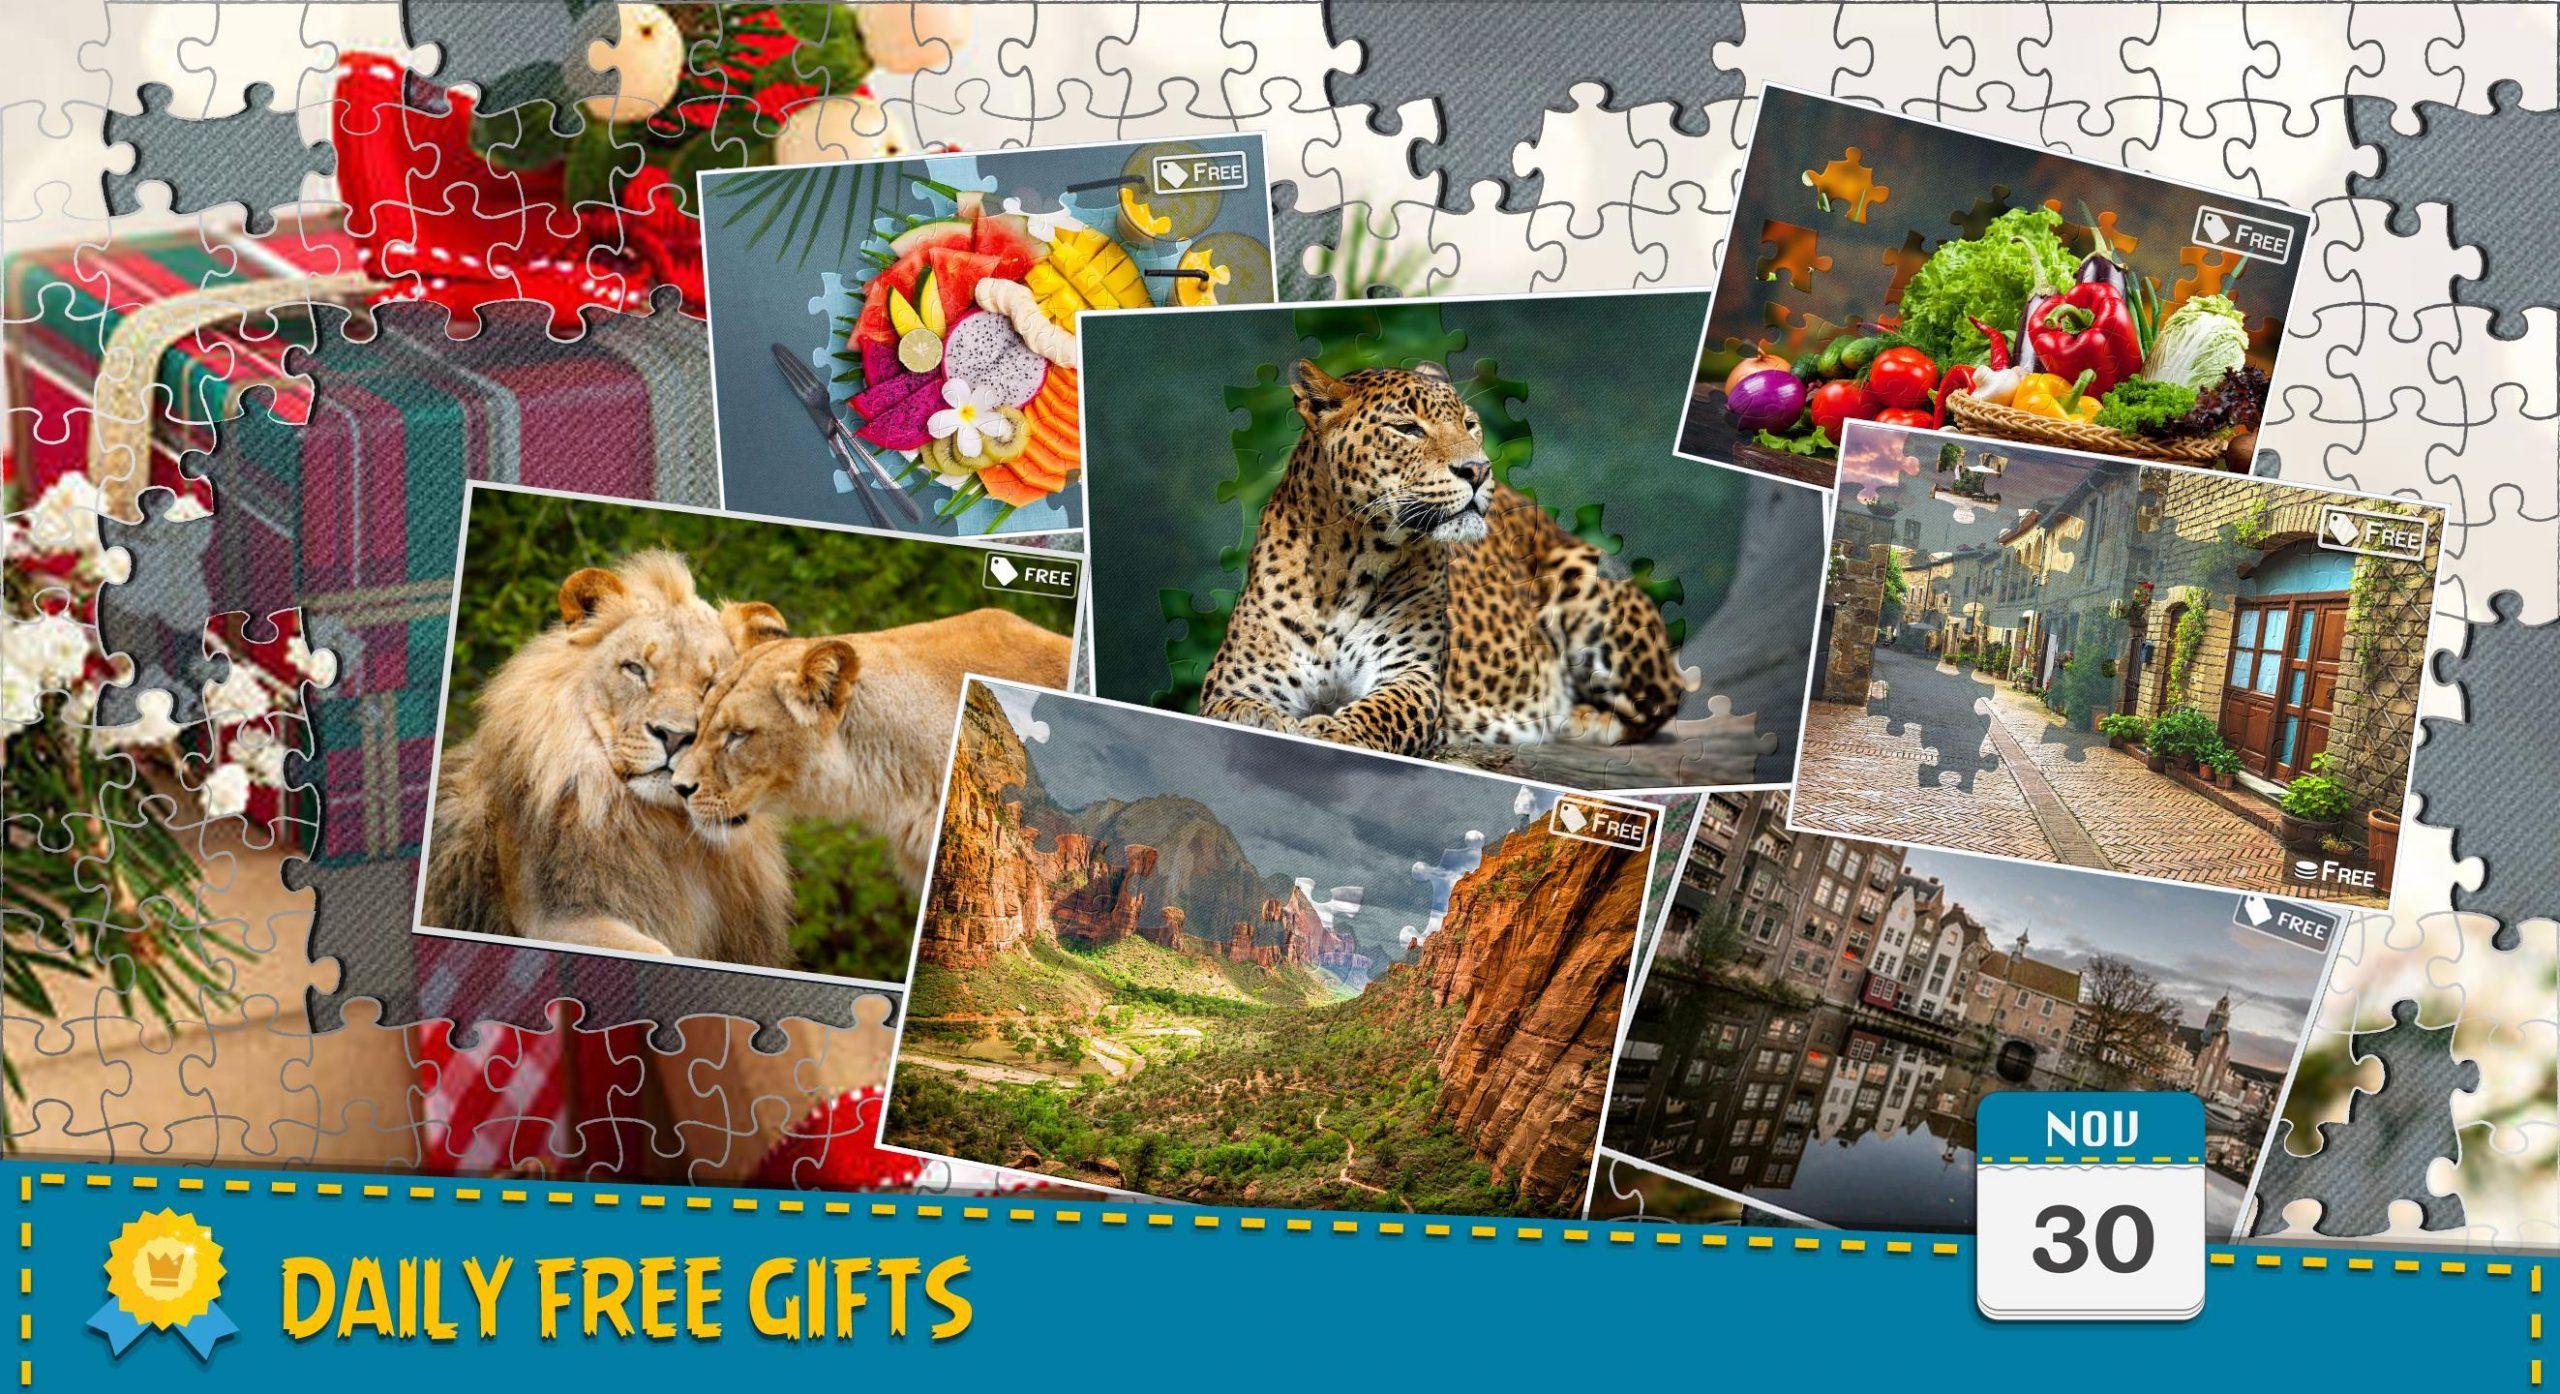 Jigsaw Puzzle Crown - Klassische Puzzles Für Android - Apk ganzes Puzzle Online Kostenlos Puzzeln Jigsaw